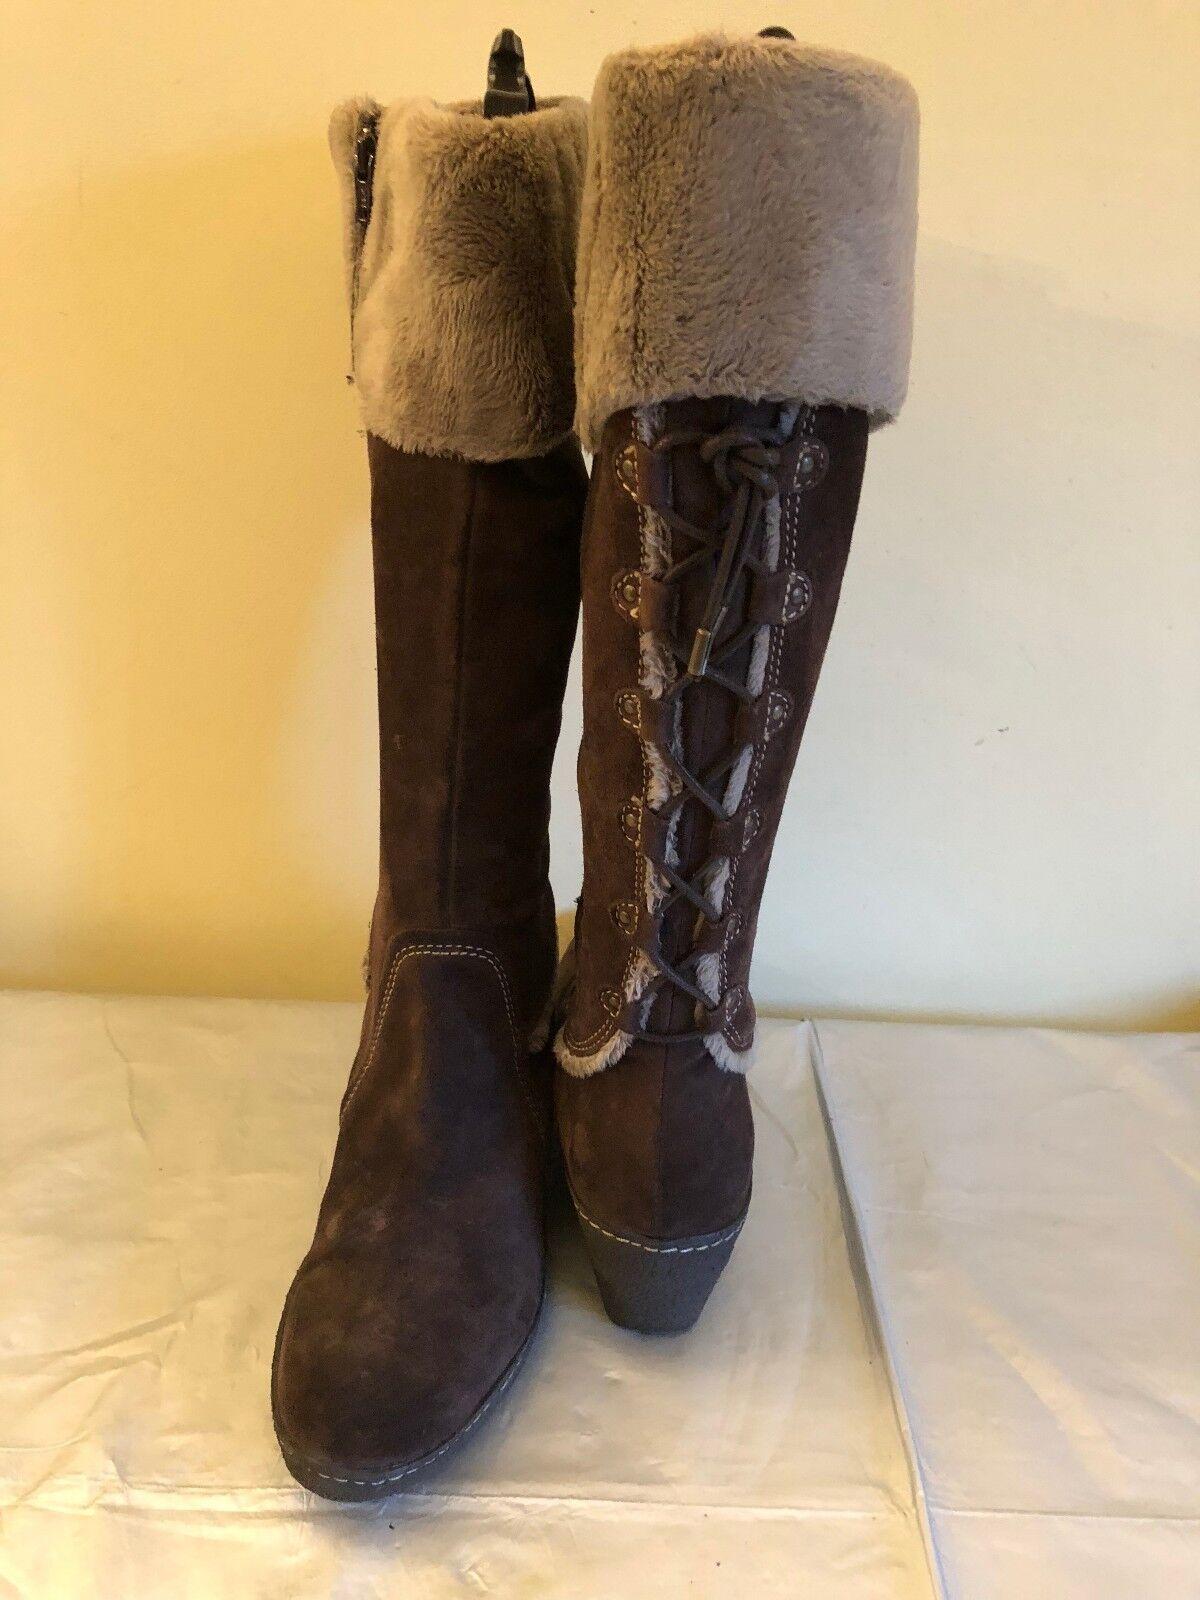 EPISODE Größe Braun Suede Stiefel with Faux Fur Trim Größe EPISODE UK 6 EU39 Very Good Used Cond e4918c